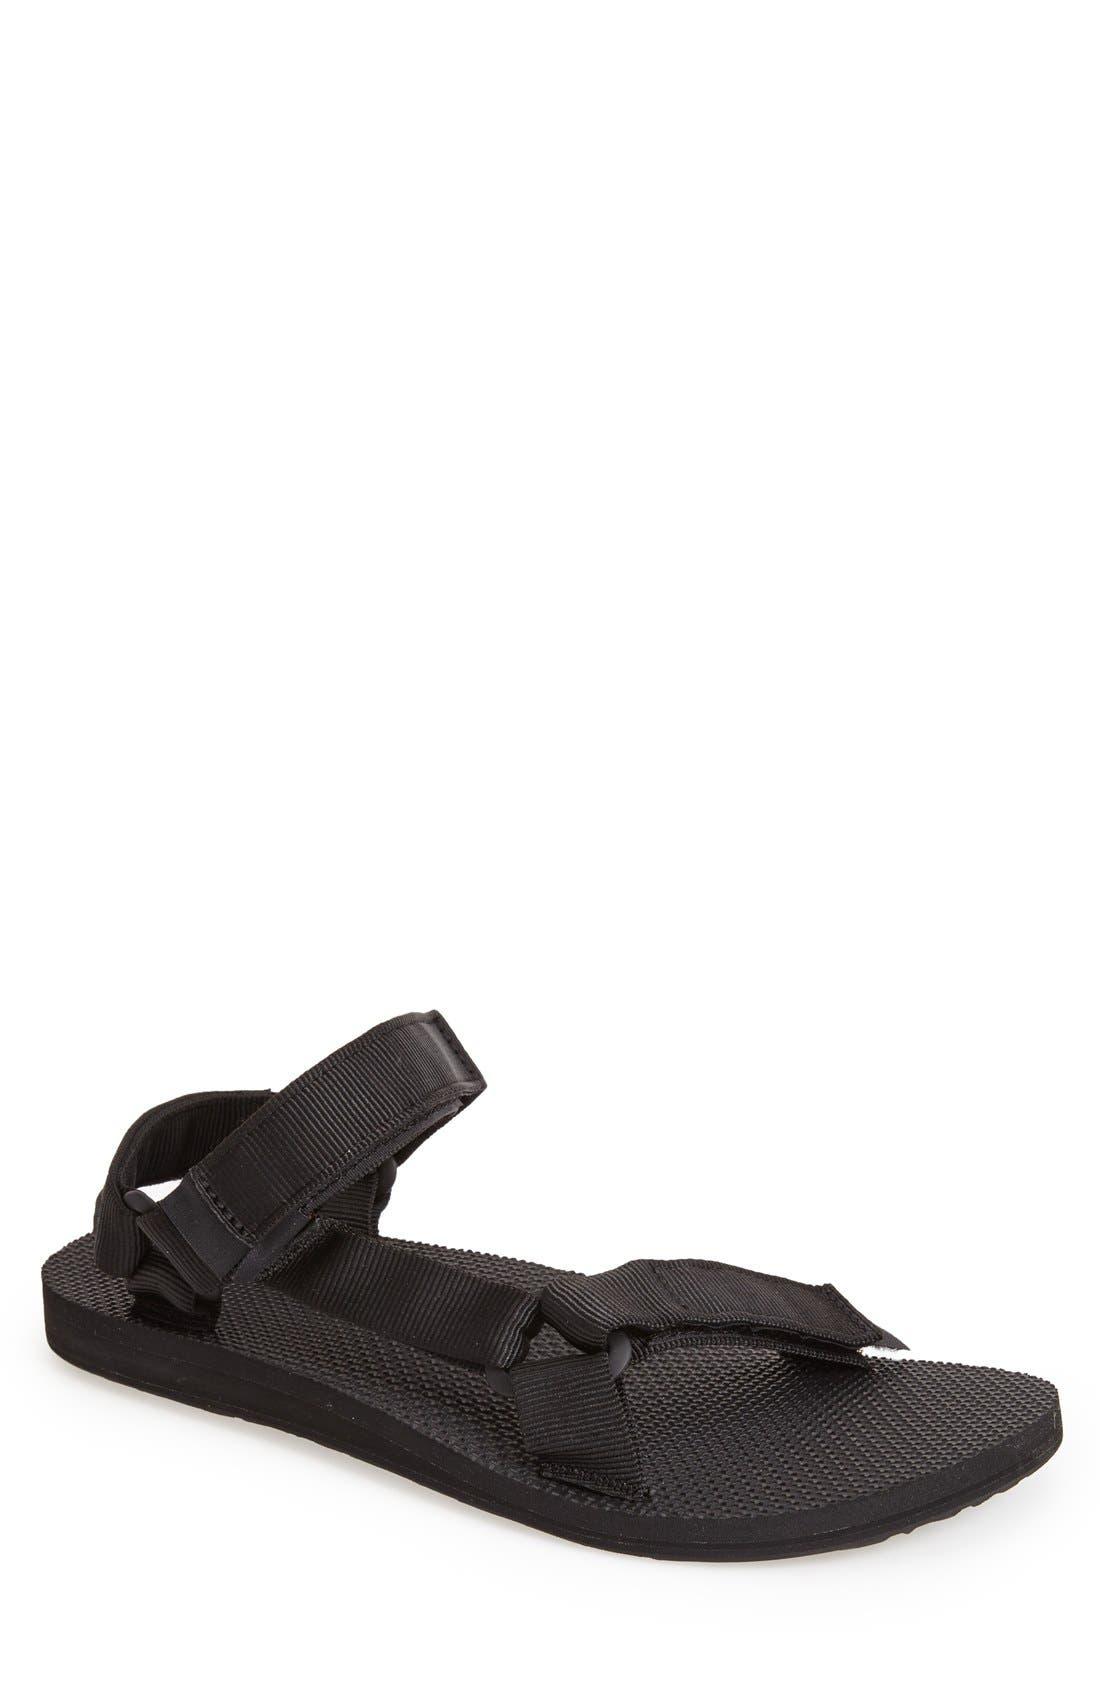 'Original Universal Urban' Sandal,                         Main,                         color, BLACK